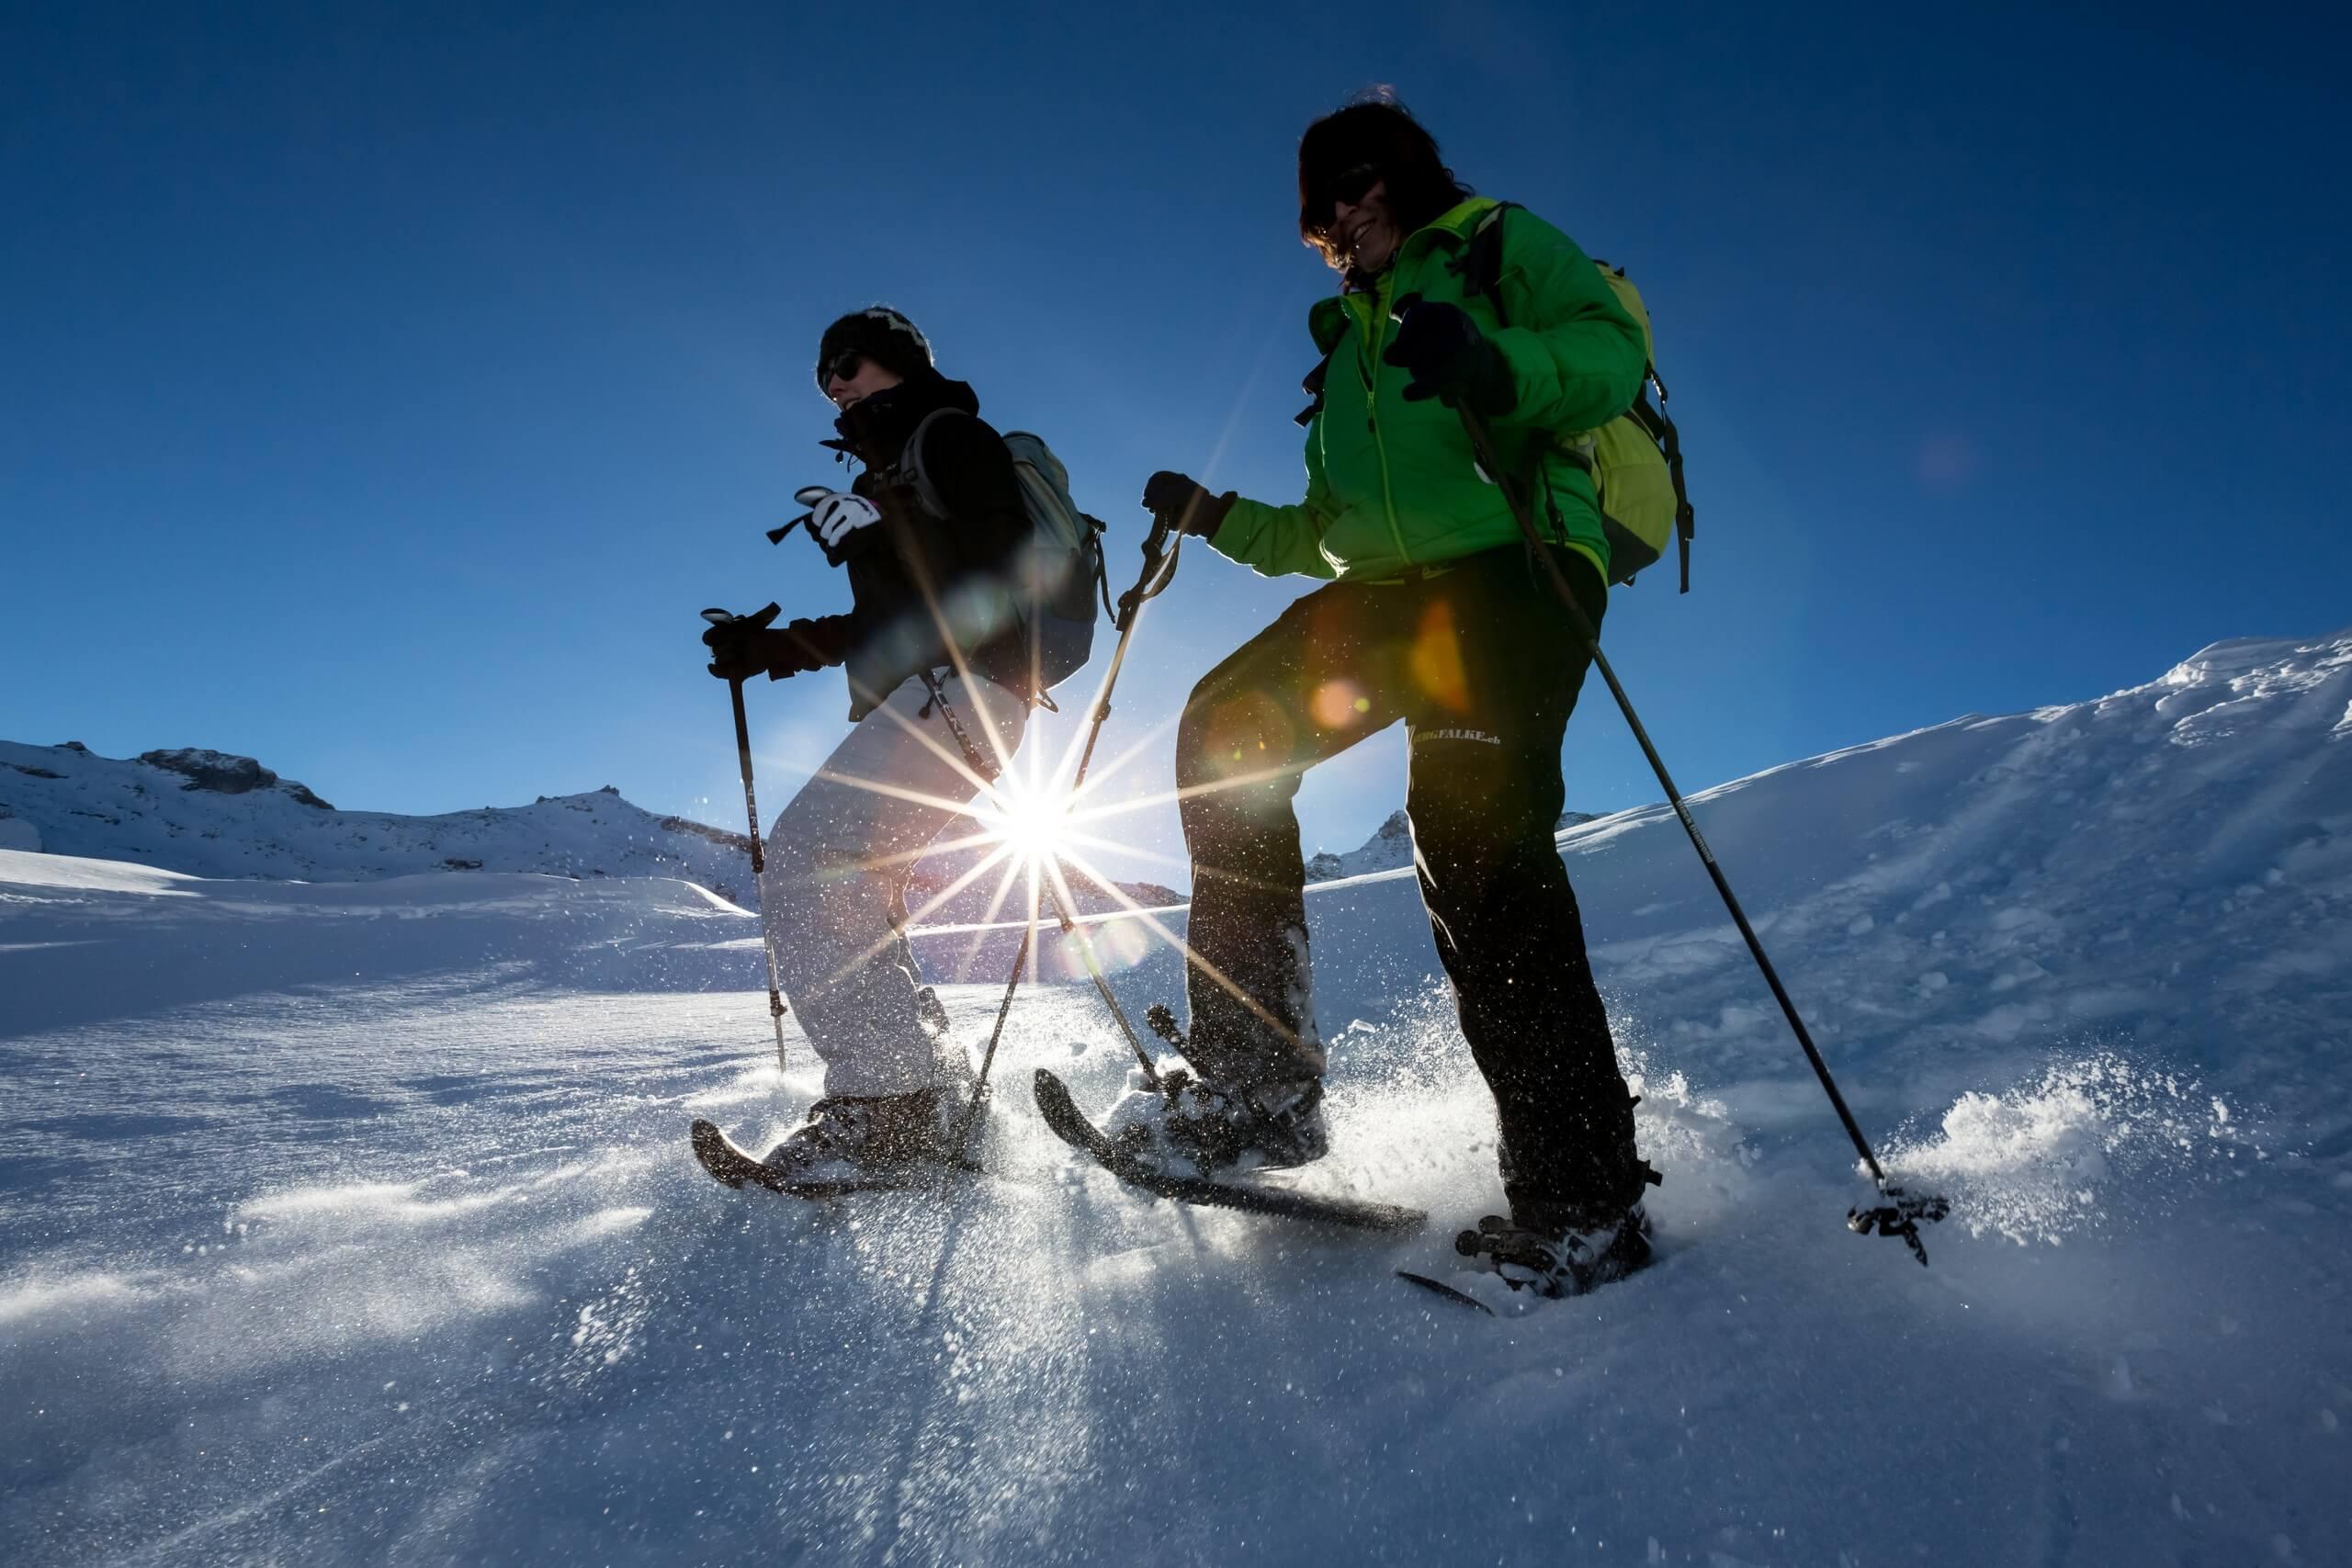 alpinschule-bergfalke-thun-schneeschuhtour-winter